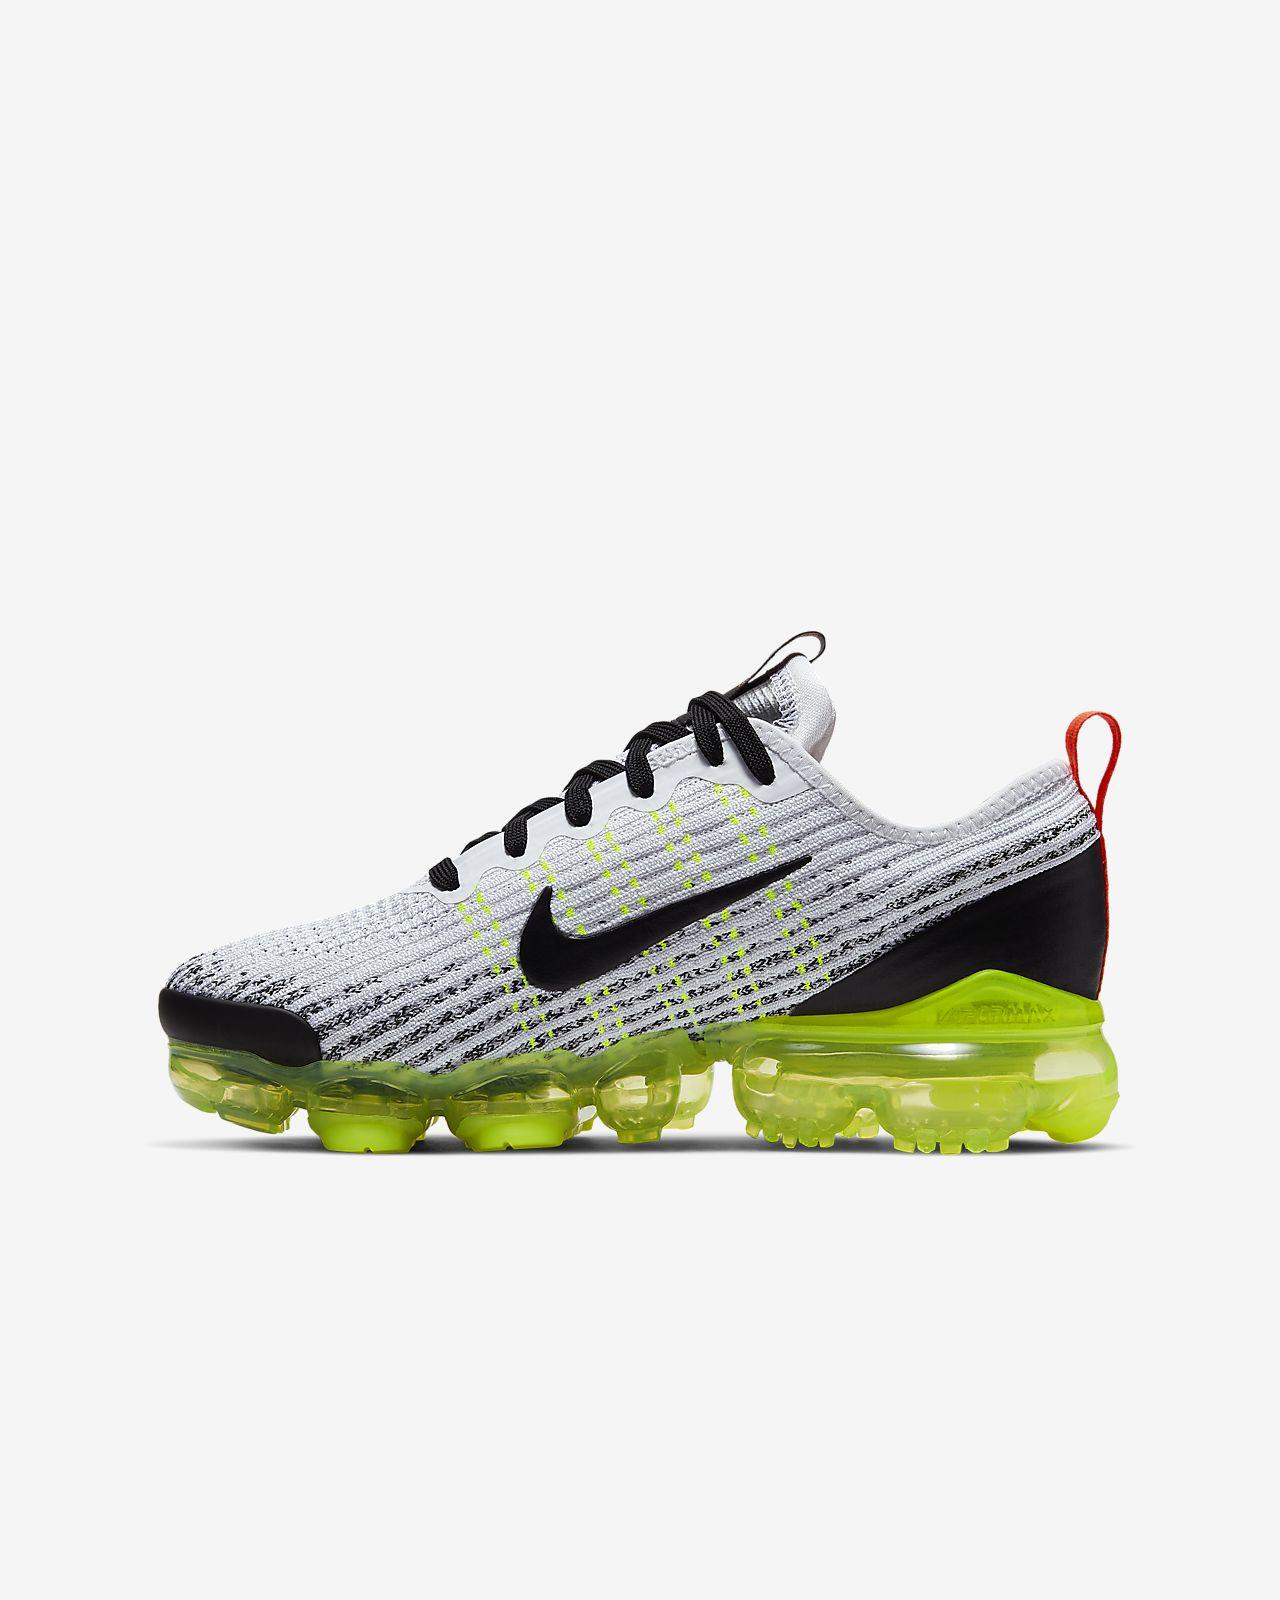 737d1f591fc Chaussure Nike Air VaporMax Flyknit 3 pour Enfant plus âgé. Nike.com FR